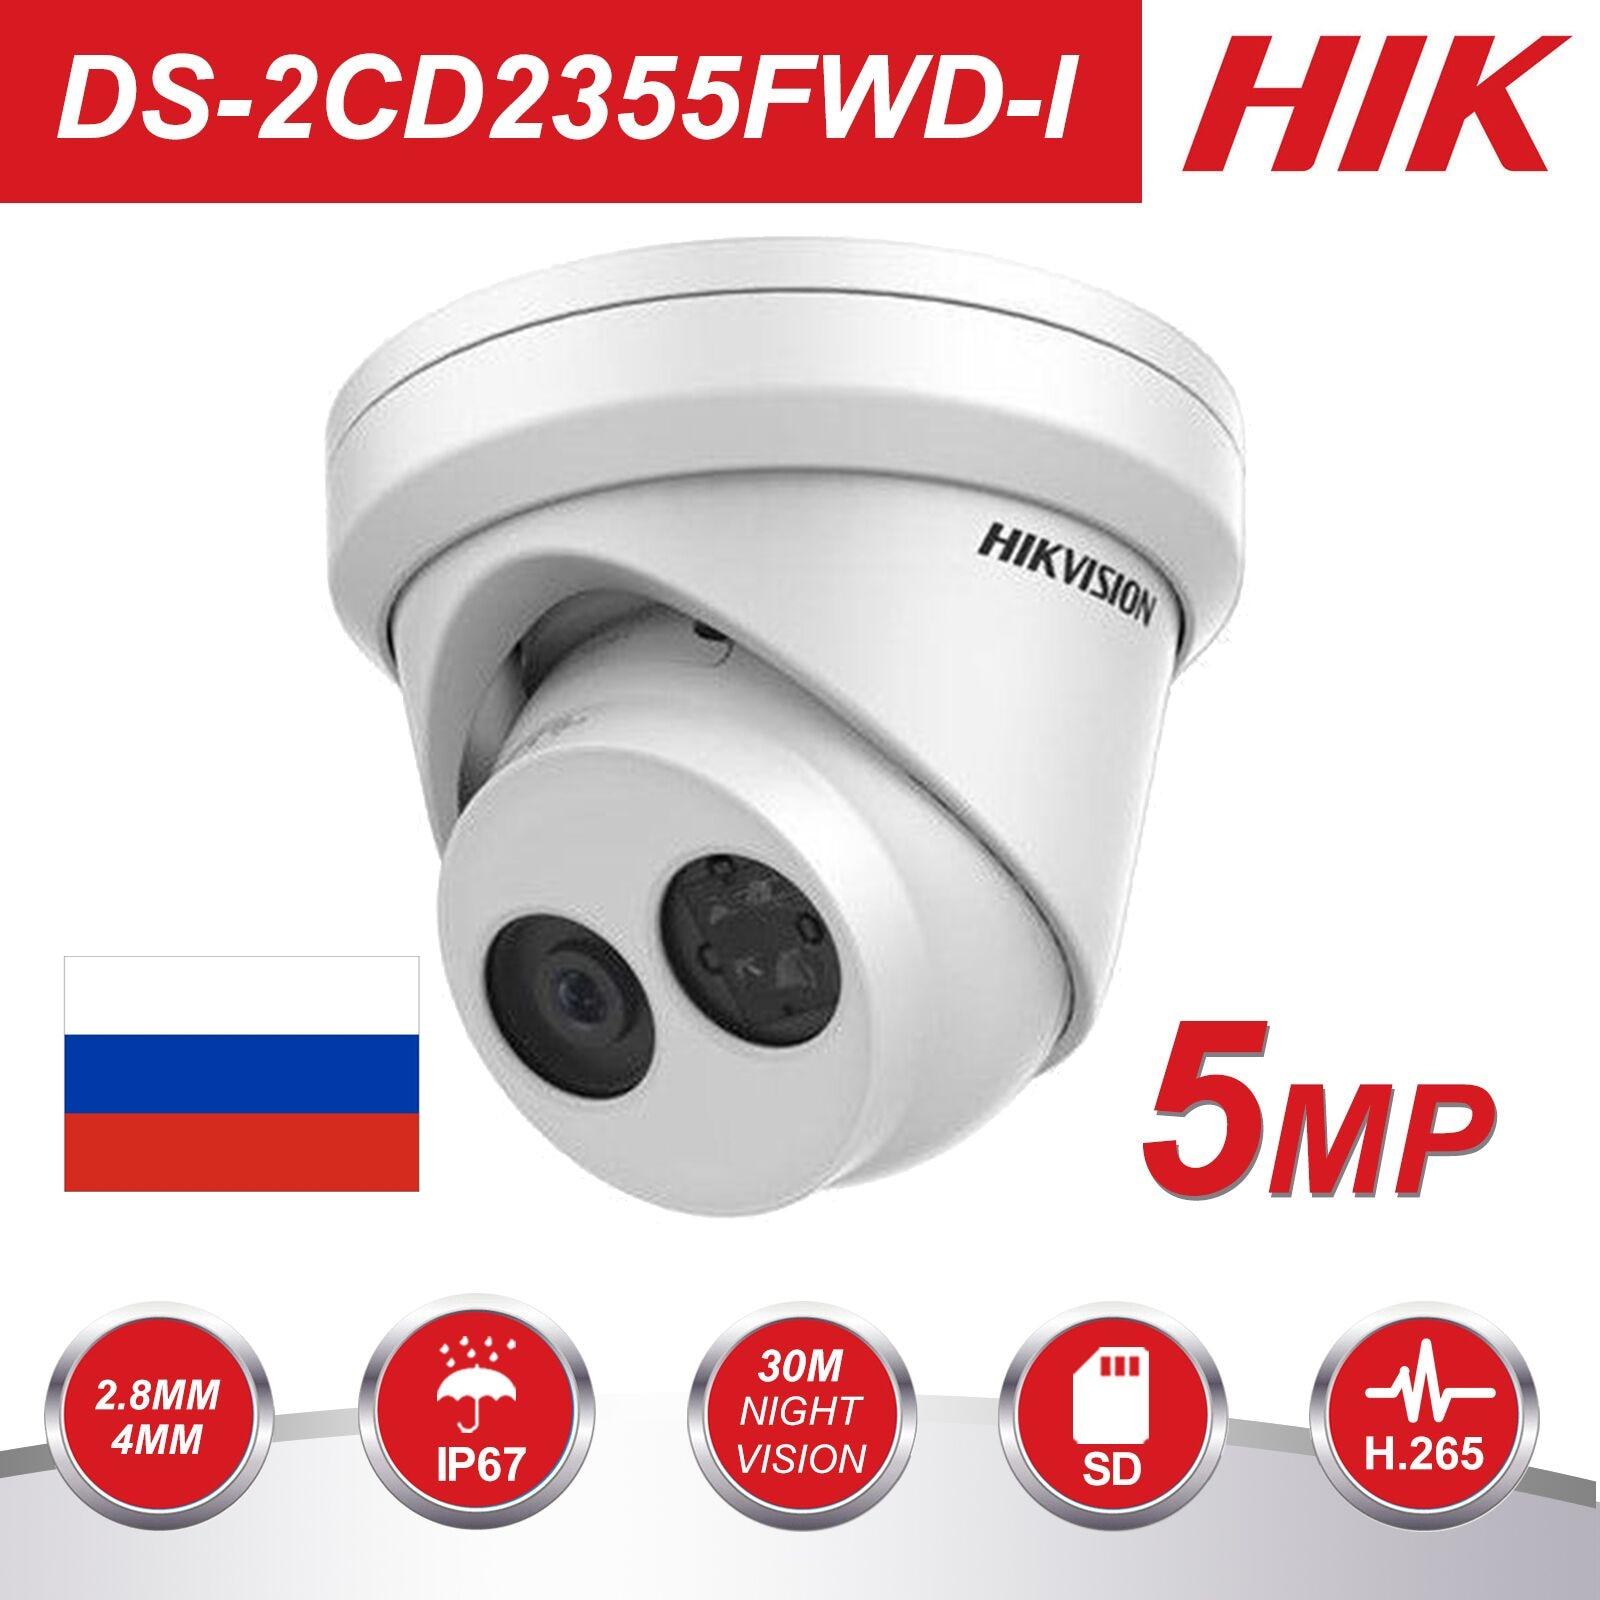 Hikvision nouveau H.265 IP caméra 5MP réseau tourelle IP caméra DS-2CD2355FWD-I Version anglaise caméra de sécurité intégrée fente pour carte SD